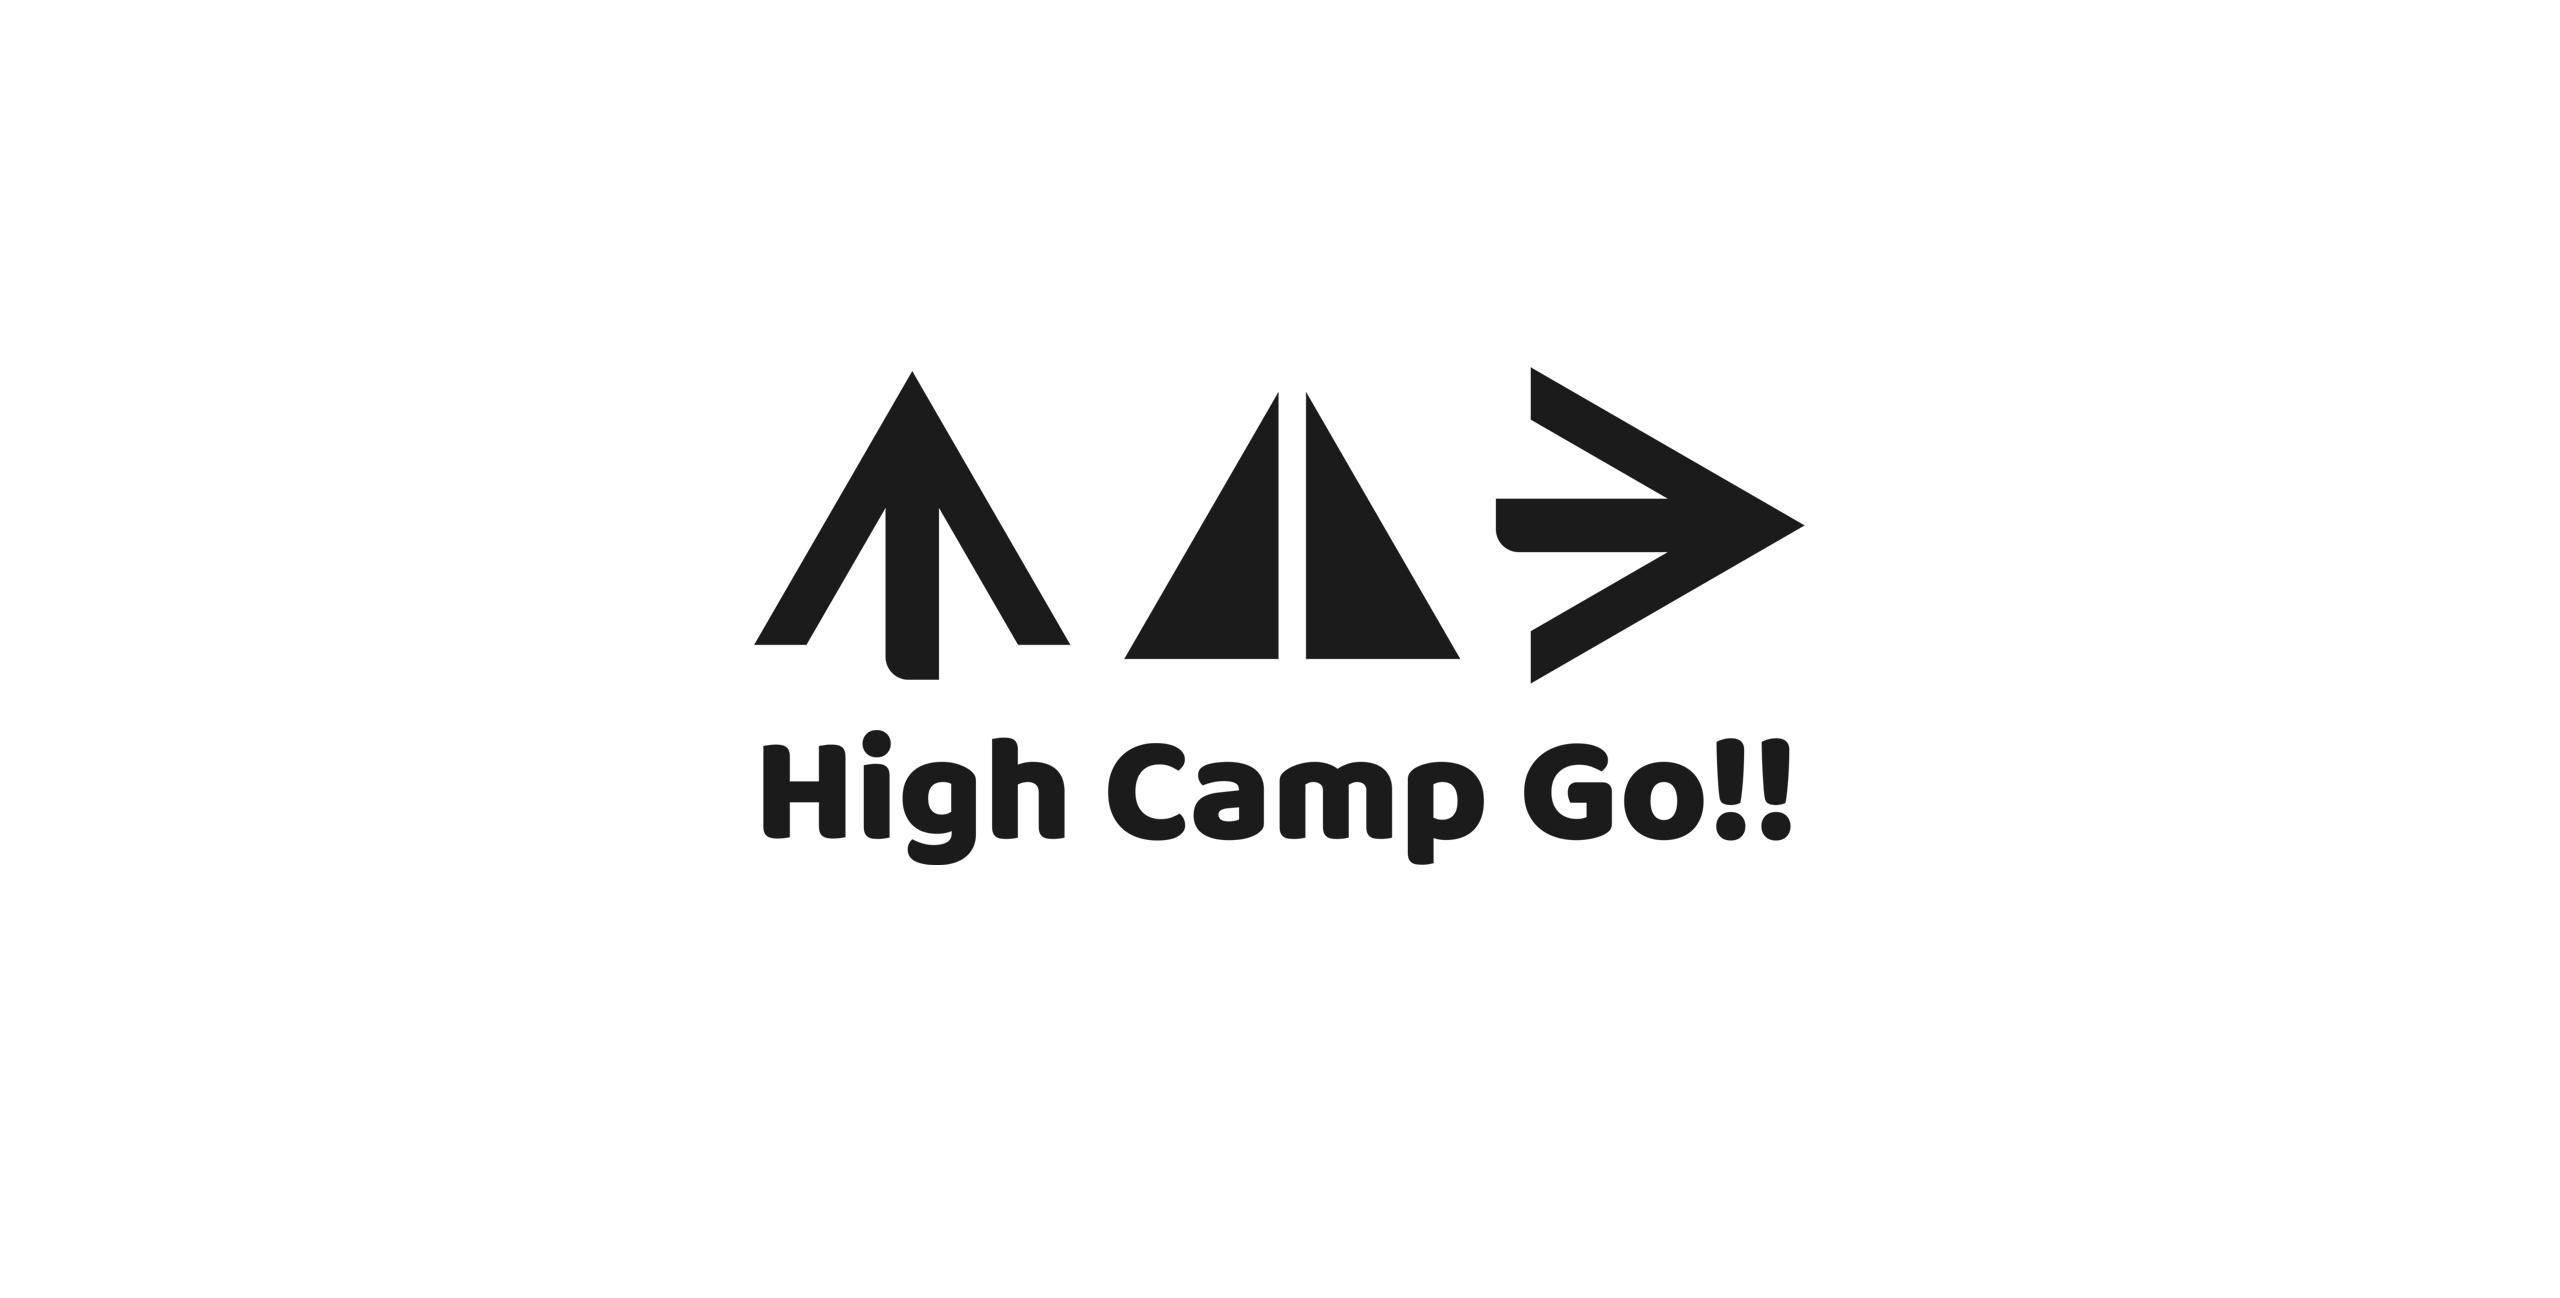 High Camp Go!!